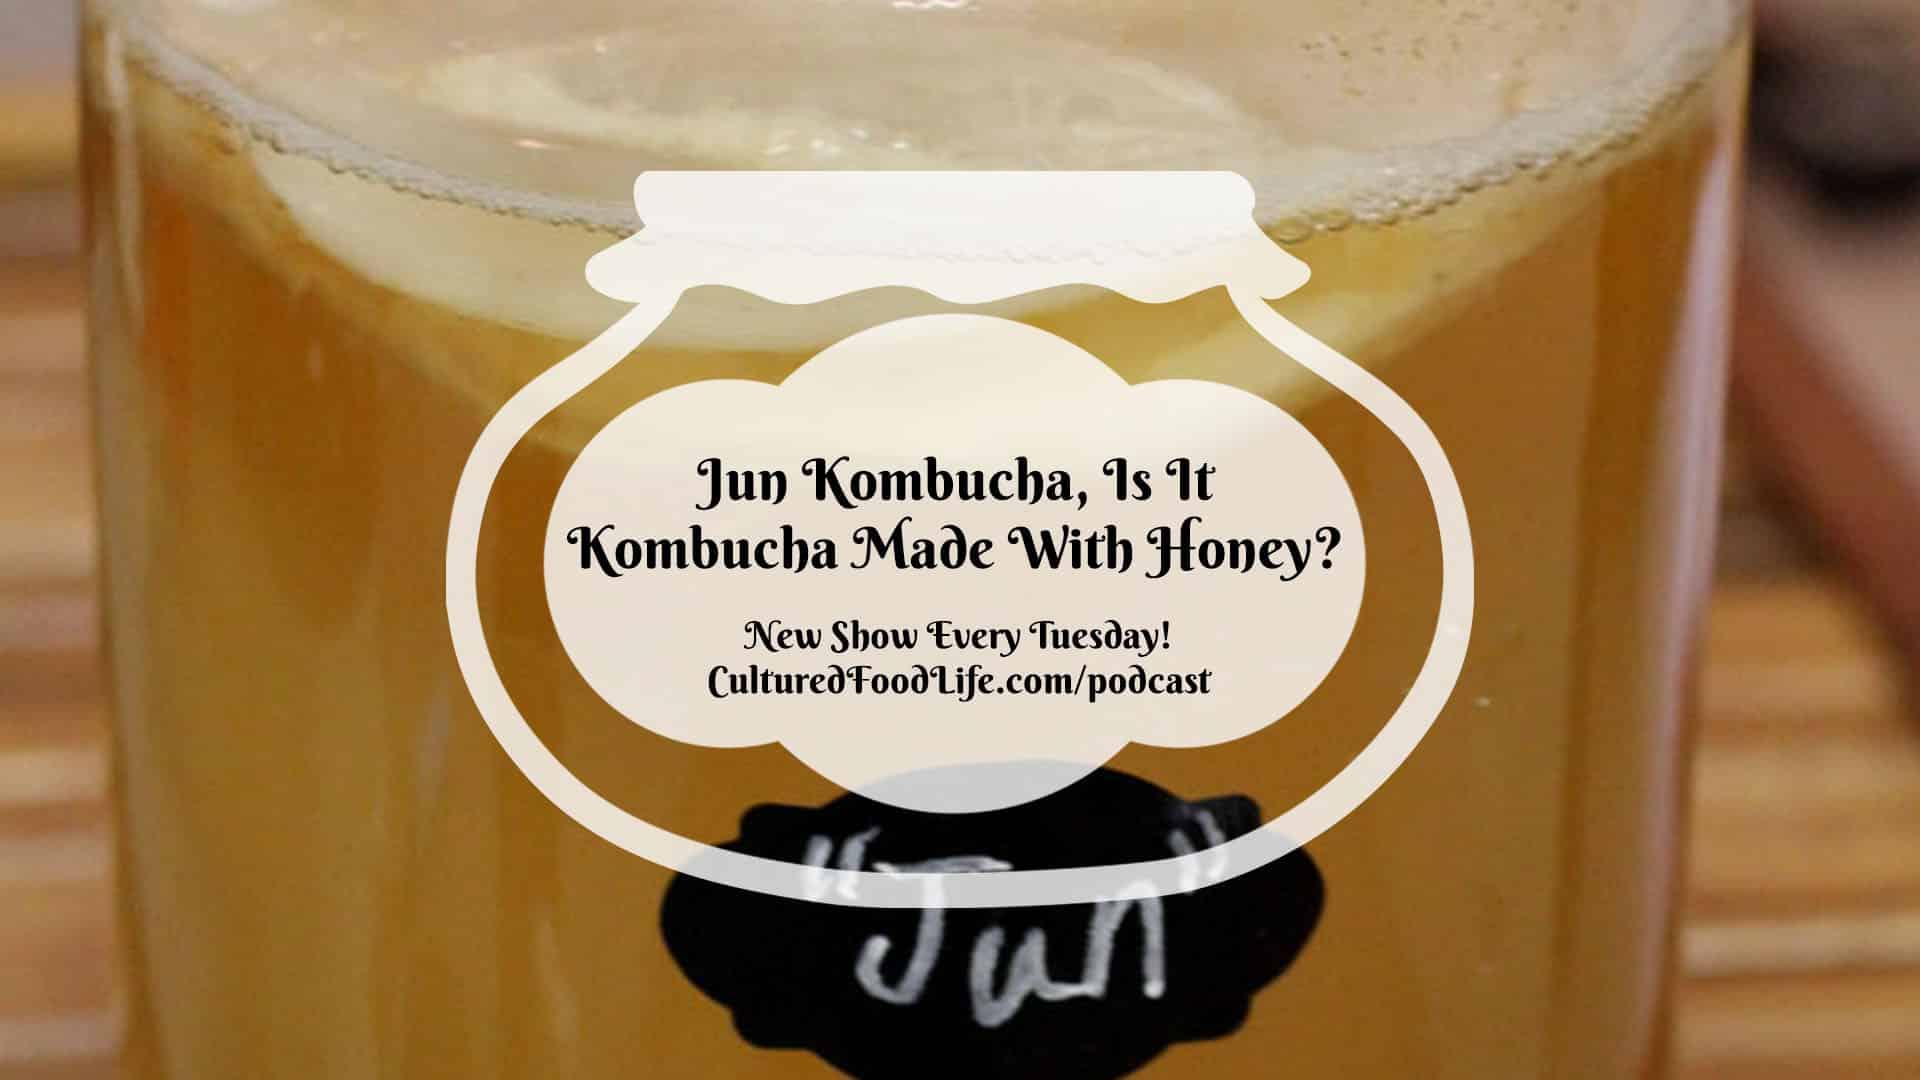 Jun Kombucha, Is It Kombucha Made With Honey